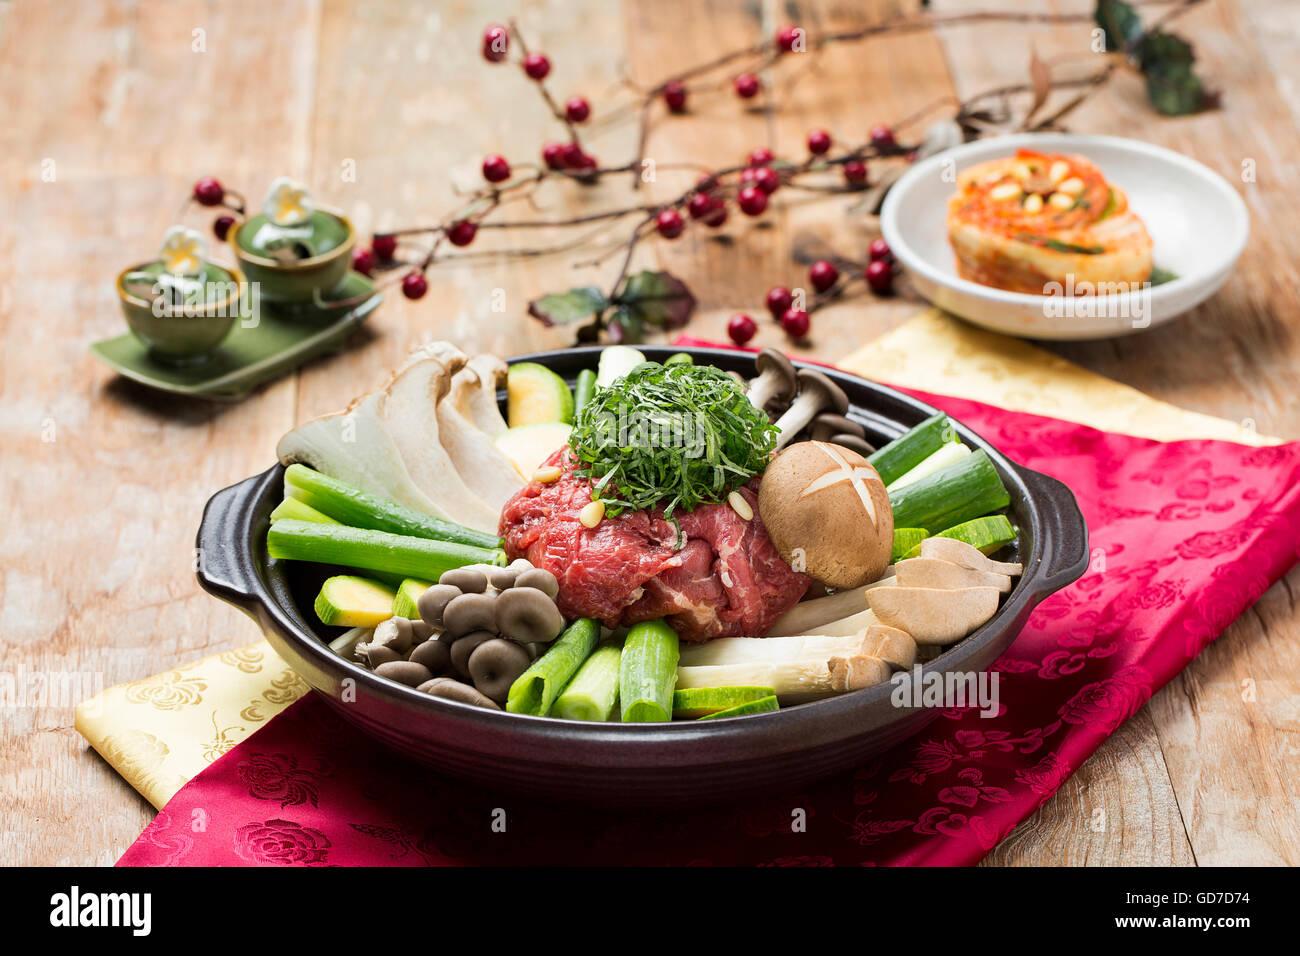 Asiatische Kueche Style : Akemi asian soul kitchen asiatische restaurants top berlin